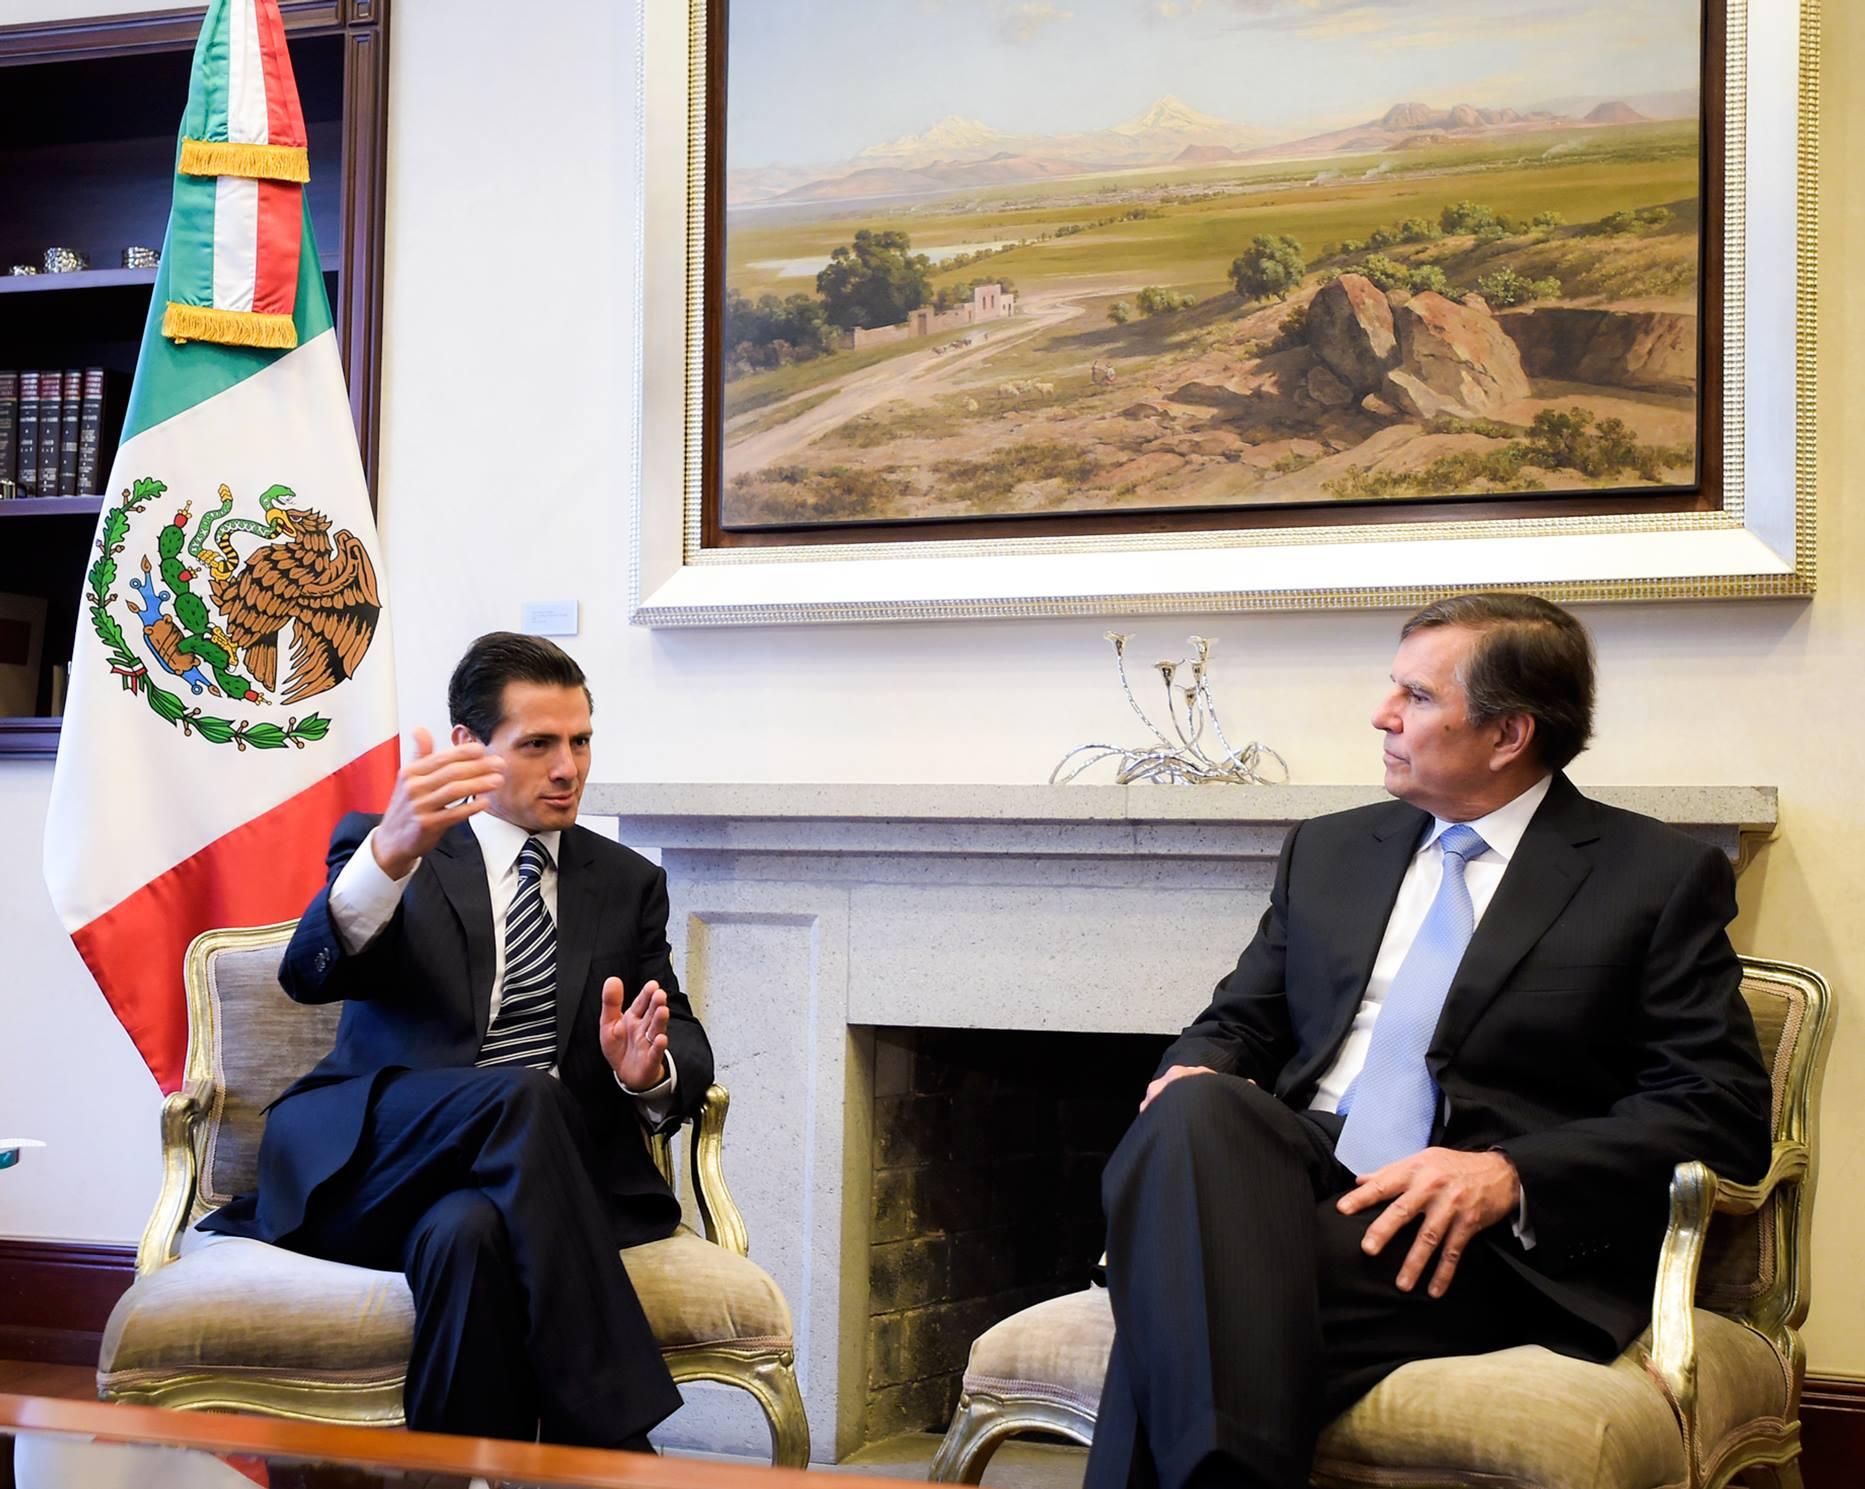 El CEO de Emerson Electric expresó su reconocimiento al Primer Mandatario por el impulso a las reformas y destacó el interés de esa empresa global por concretar inversiones en el sector energético mexicano.